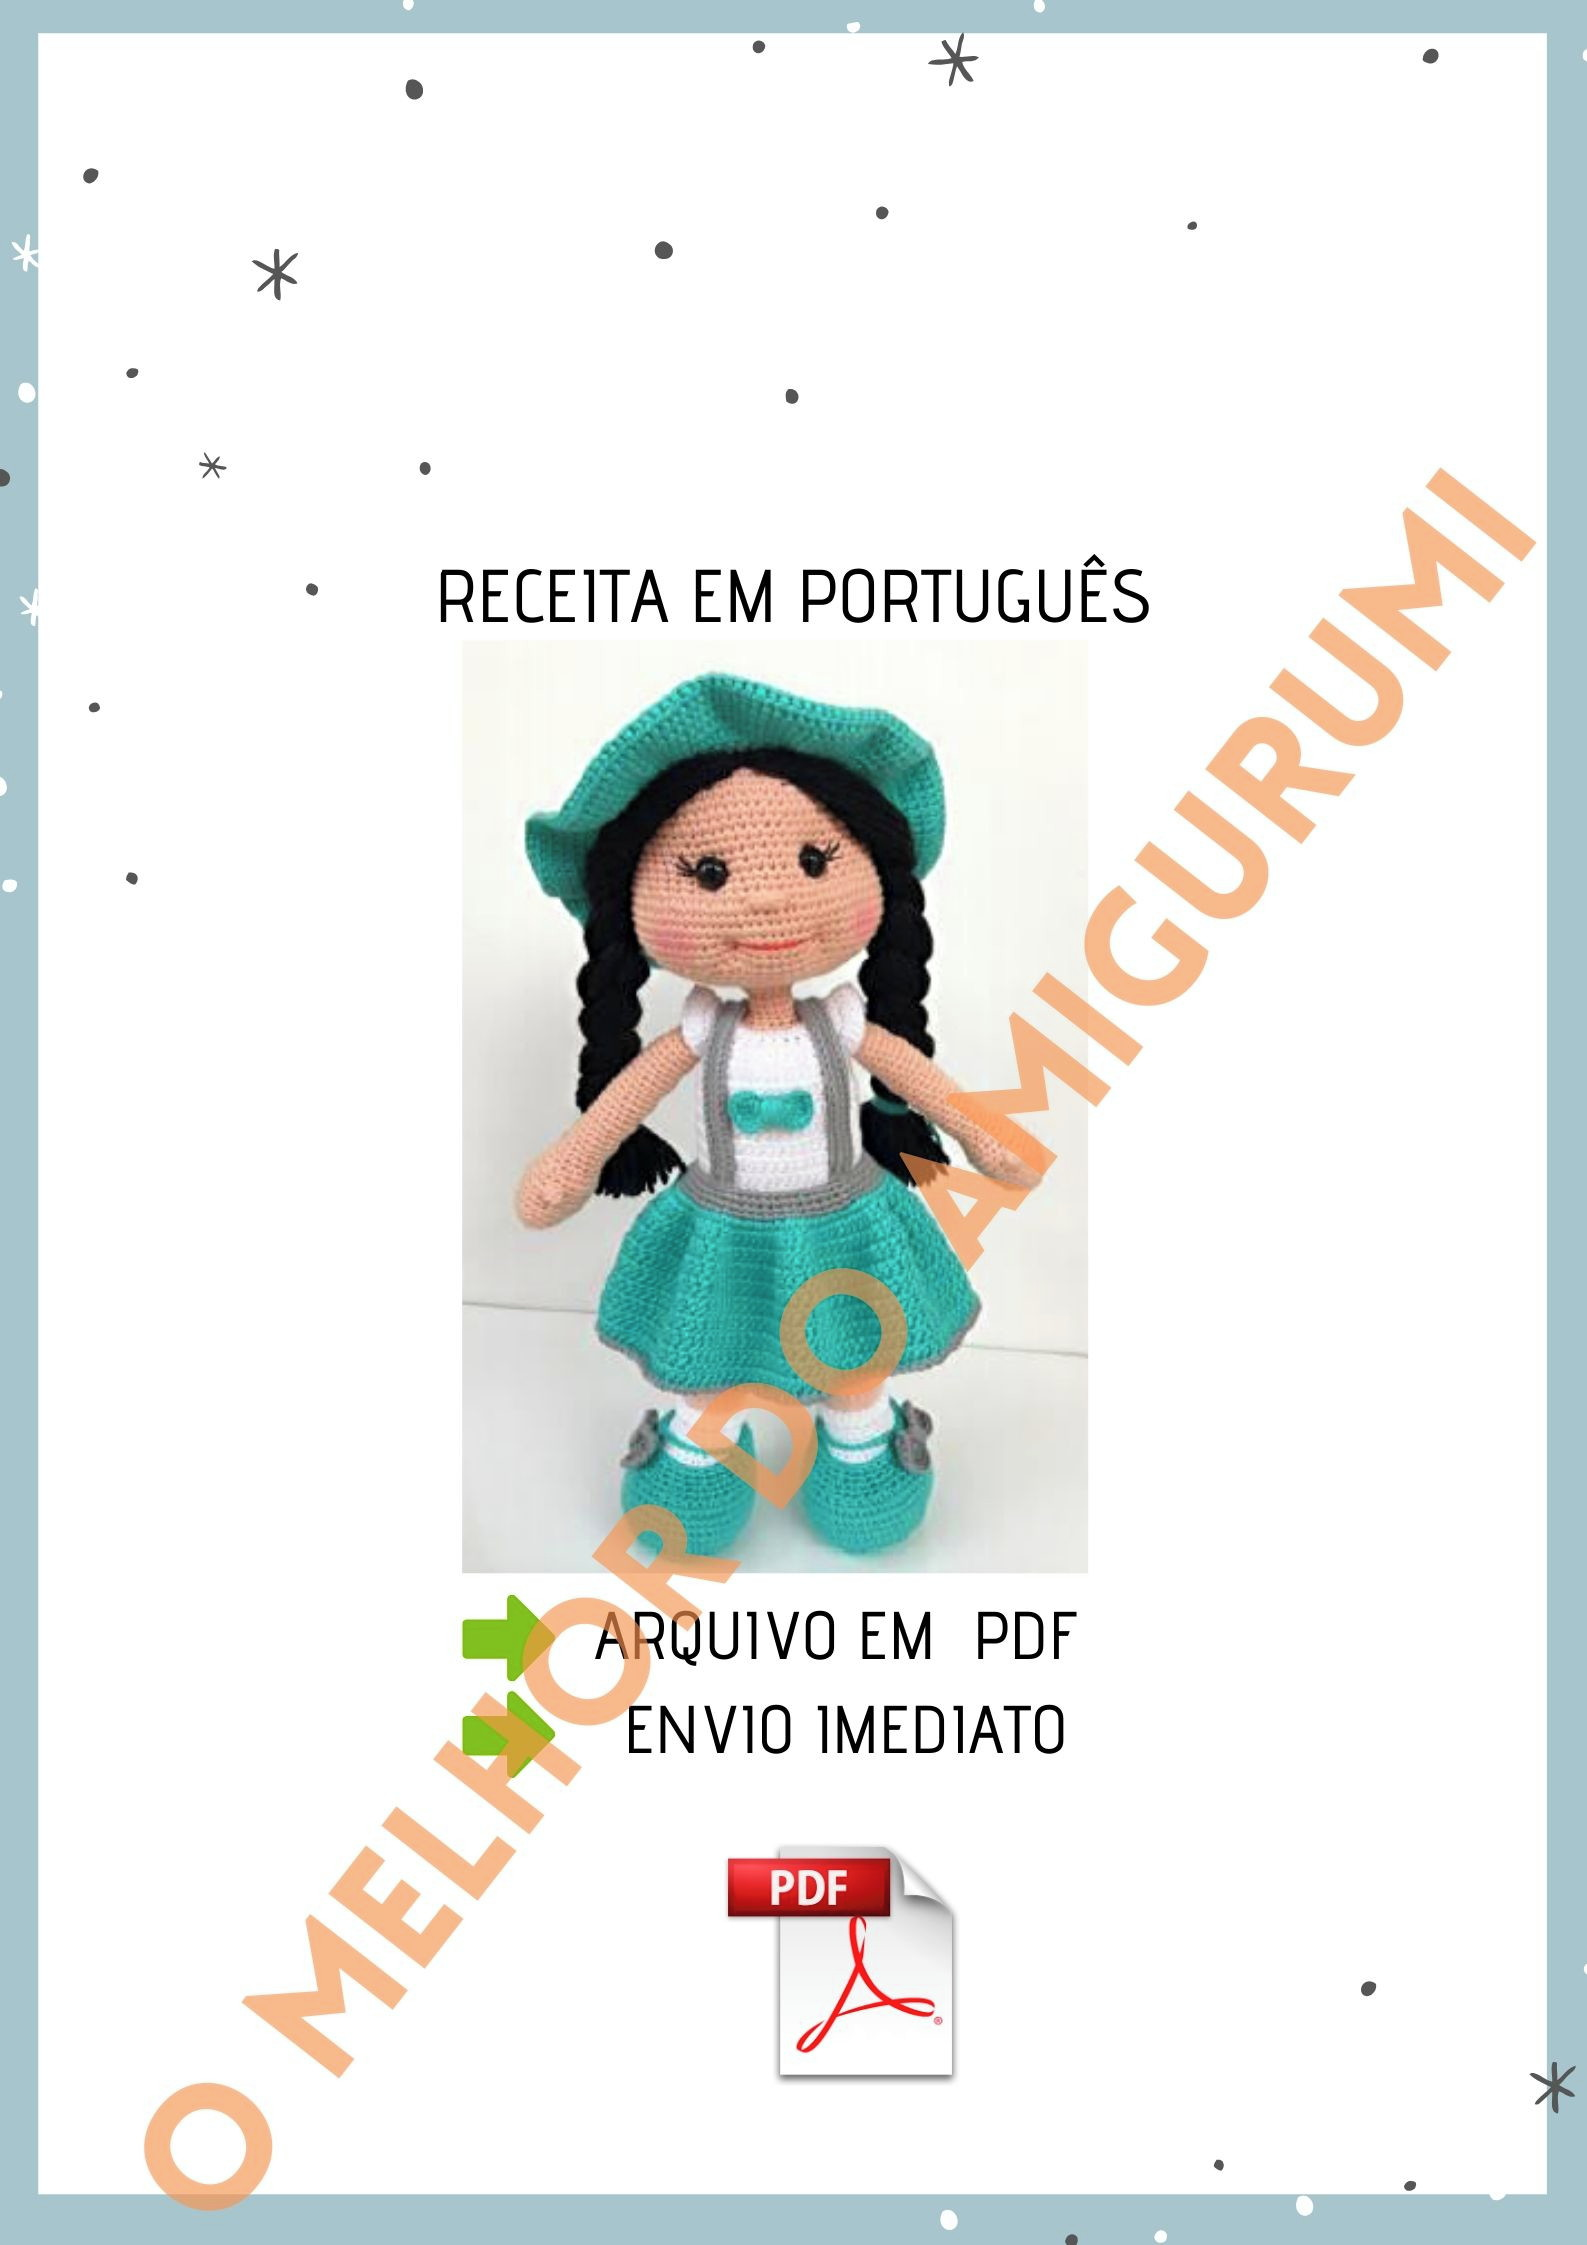 Boneca Russa em Amigurumi | Bonecas de crochê, Boneca russa, Arte ... | 2245x1587